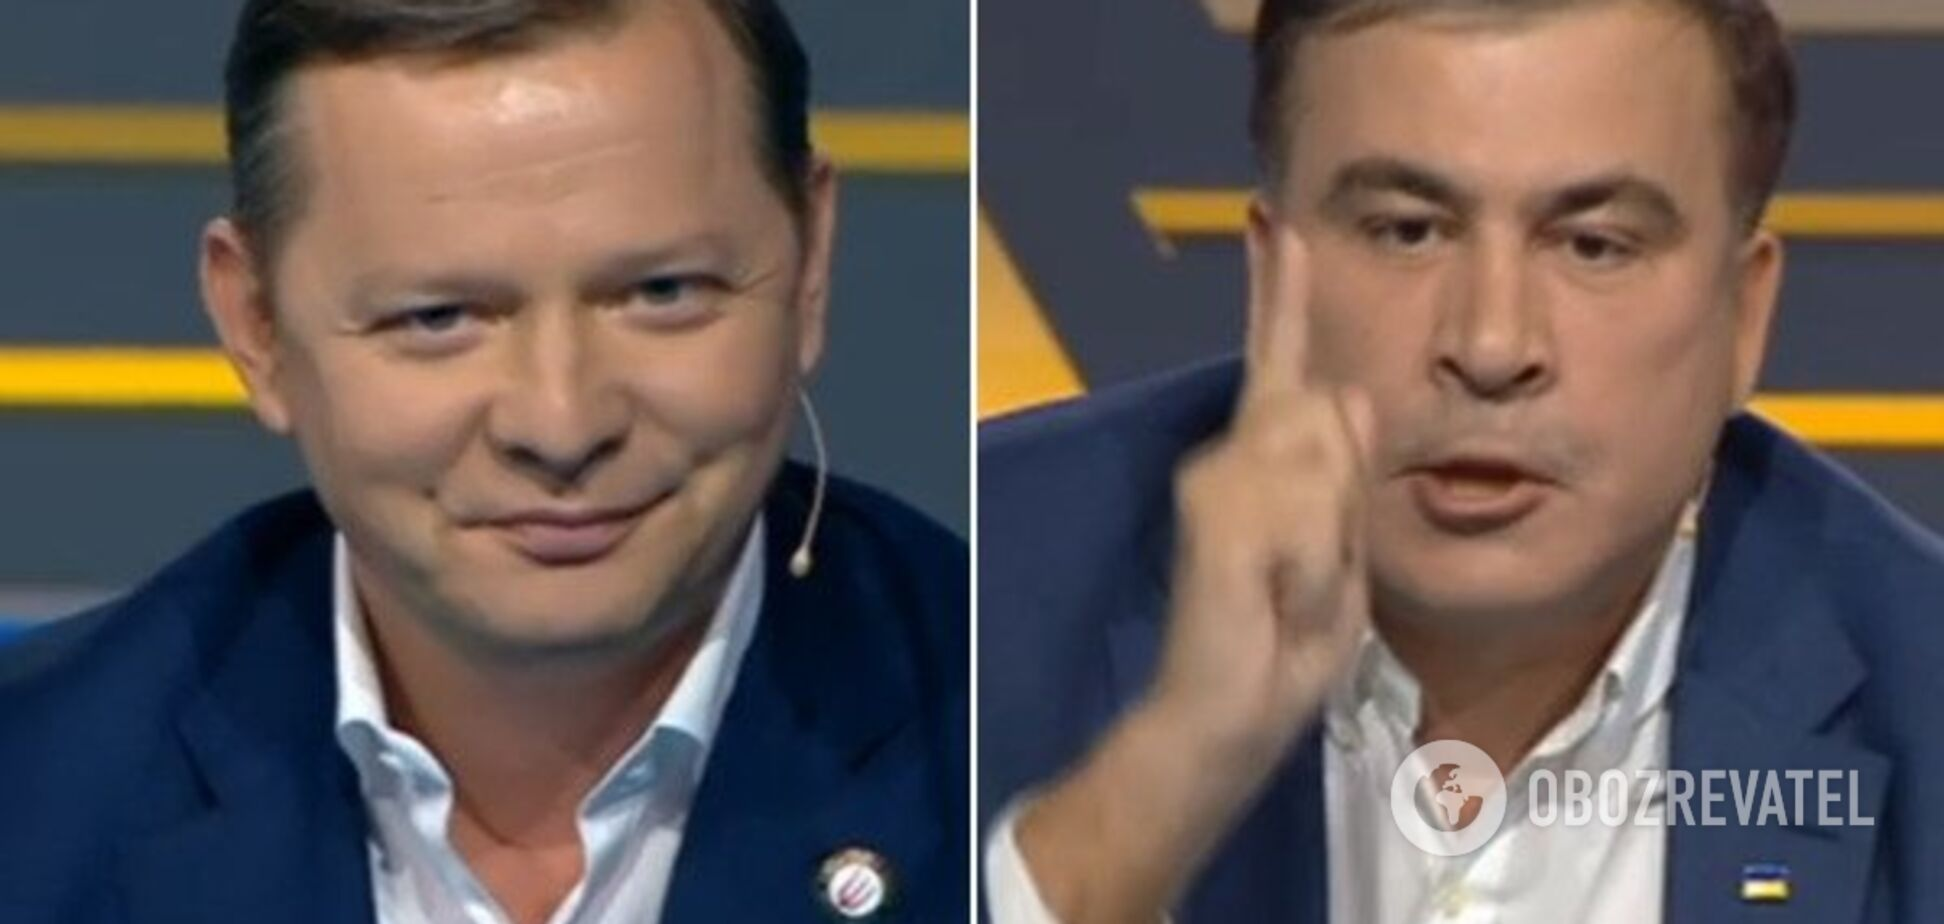 Саакашвили и Ляшко сцепились в прямом эфире: видео перепалки